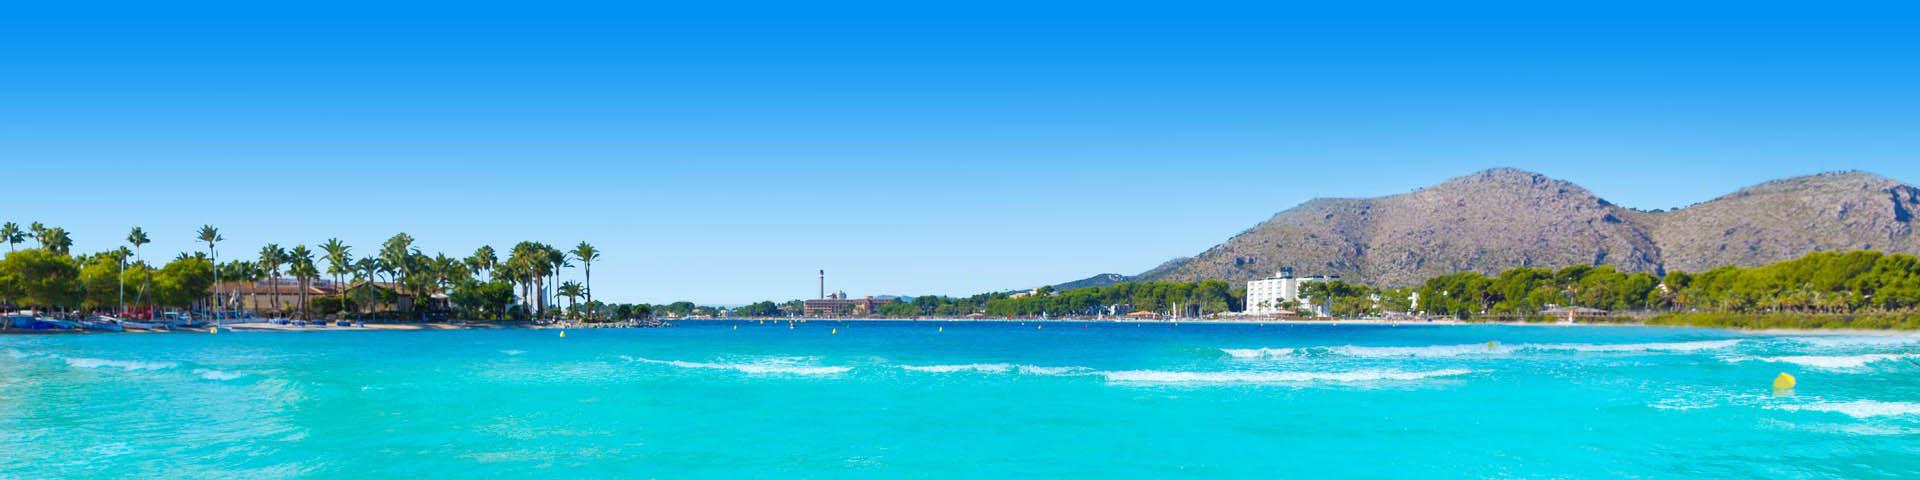 Kustlijn van Spanje met helderblauw zeewater en bergen op de achtergrond